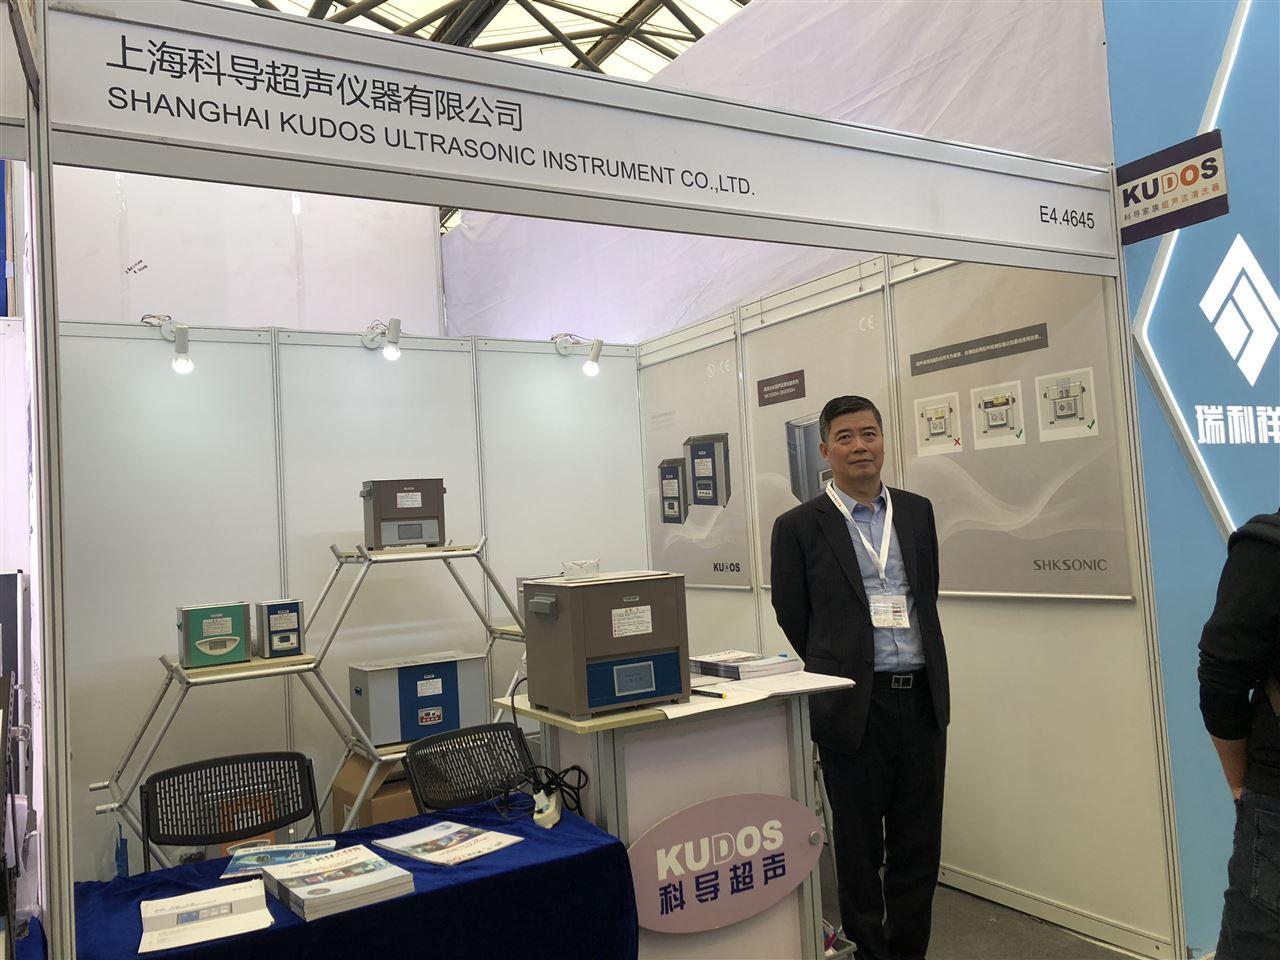 从制造到创造,上海科导超声清洗机闪耀慕尼黑生化展